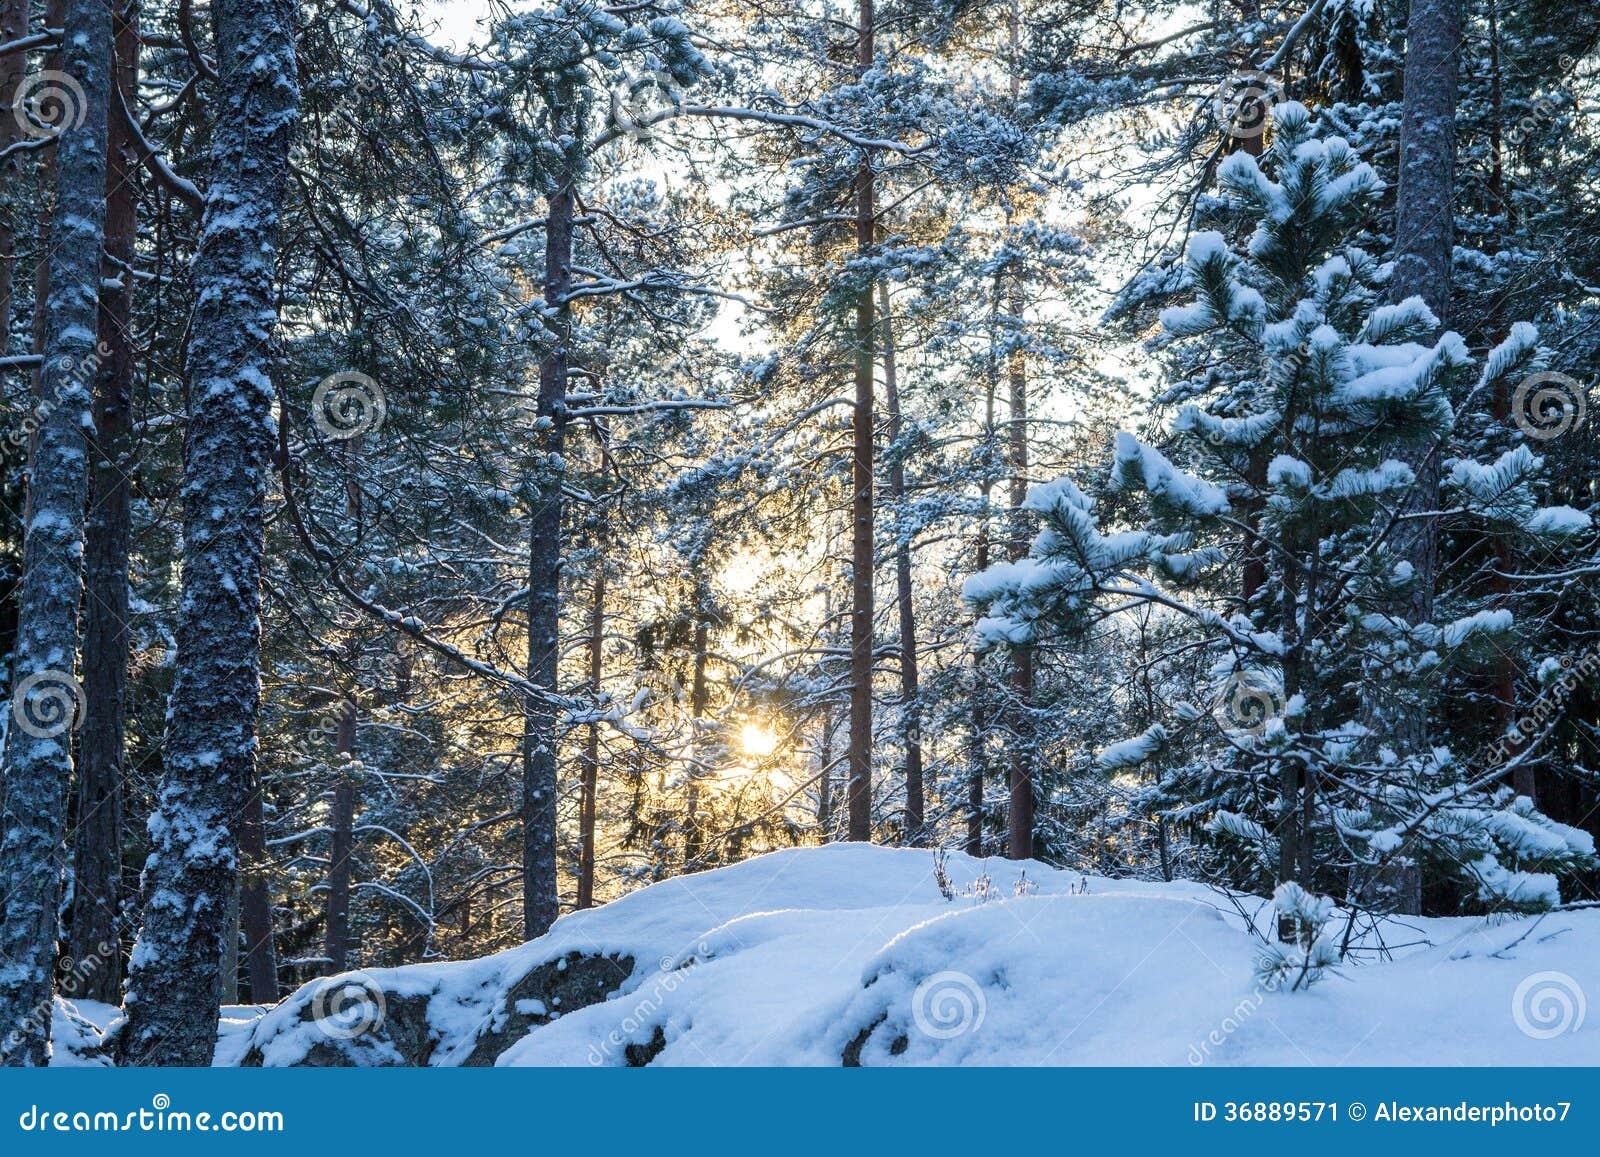 Download Scena Retroilluminata Di Inverno Immagine Stock - Immagine di luminoso, glowing: 36889571